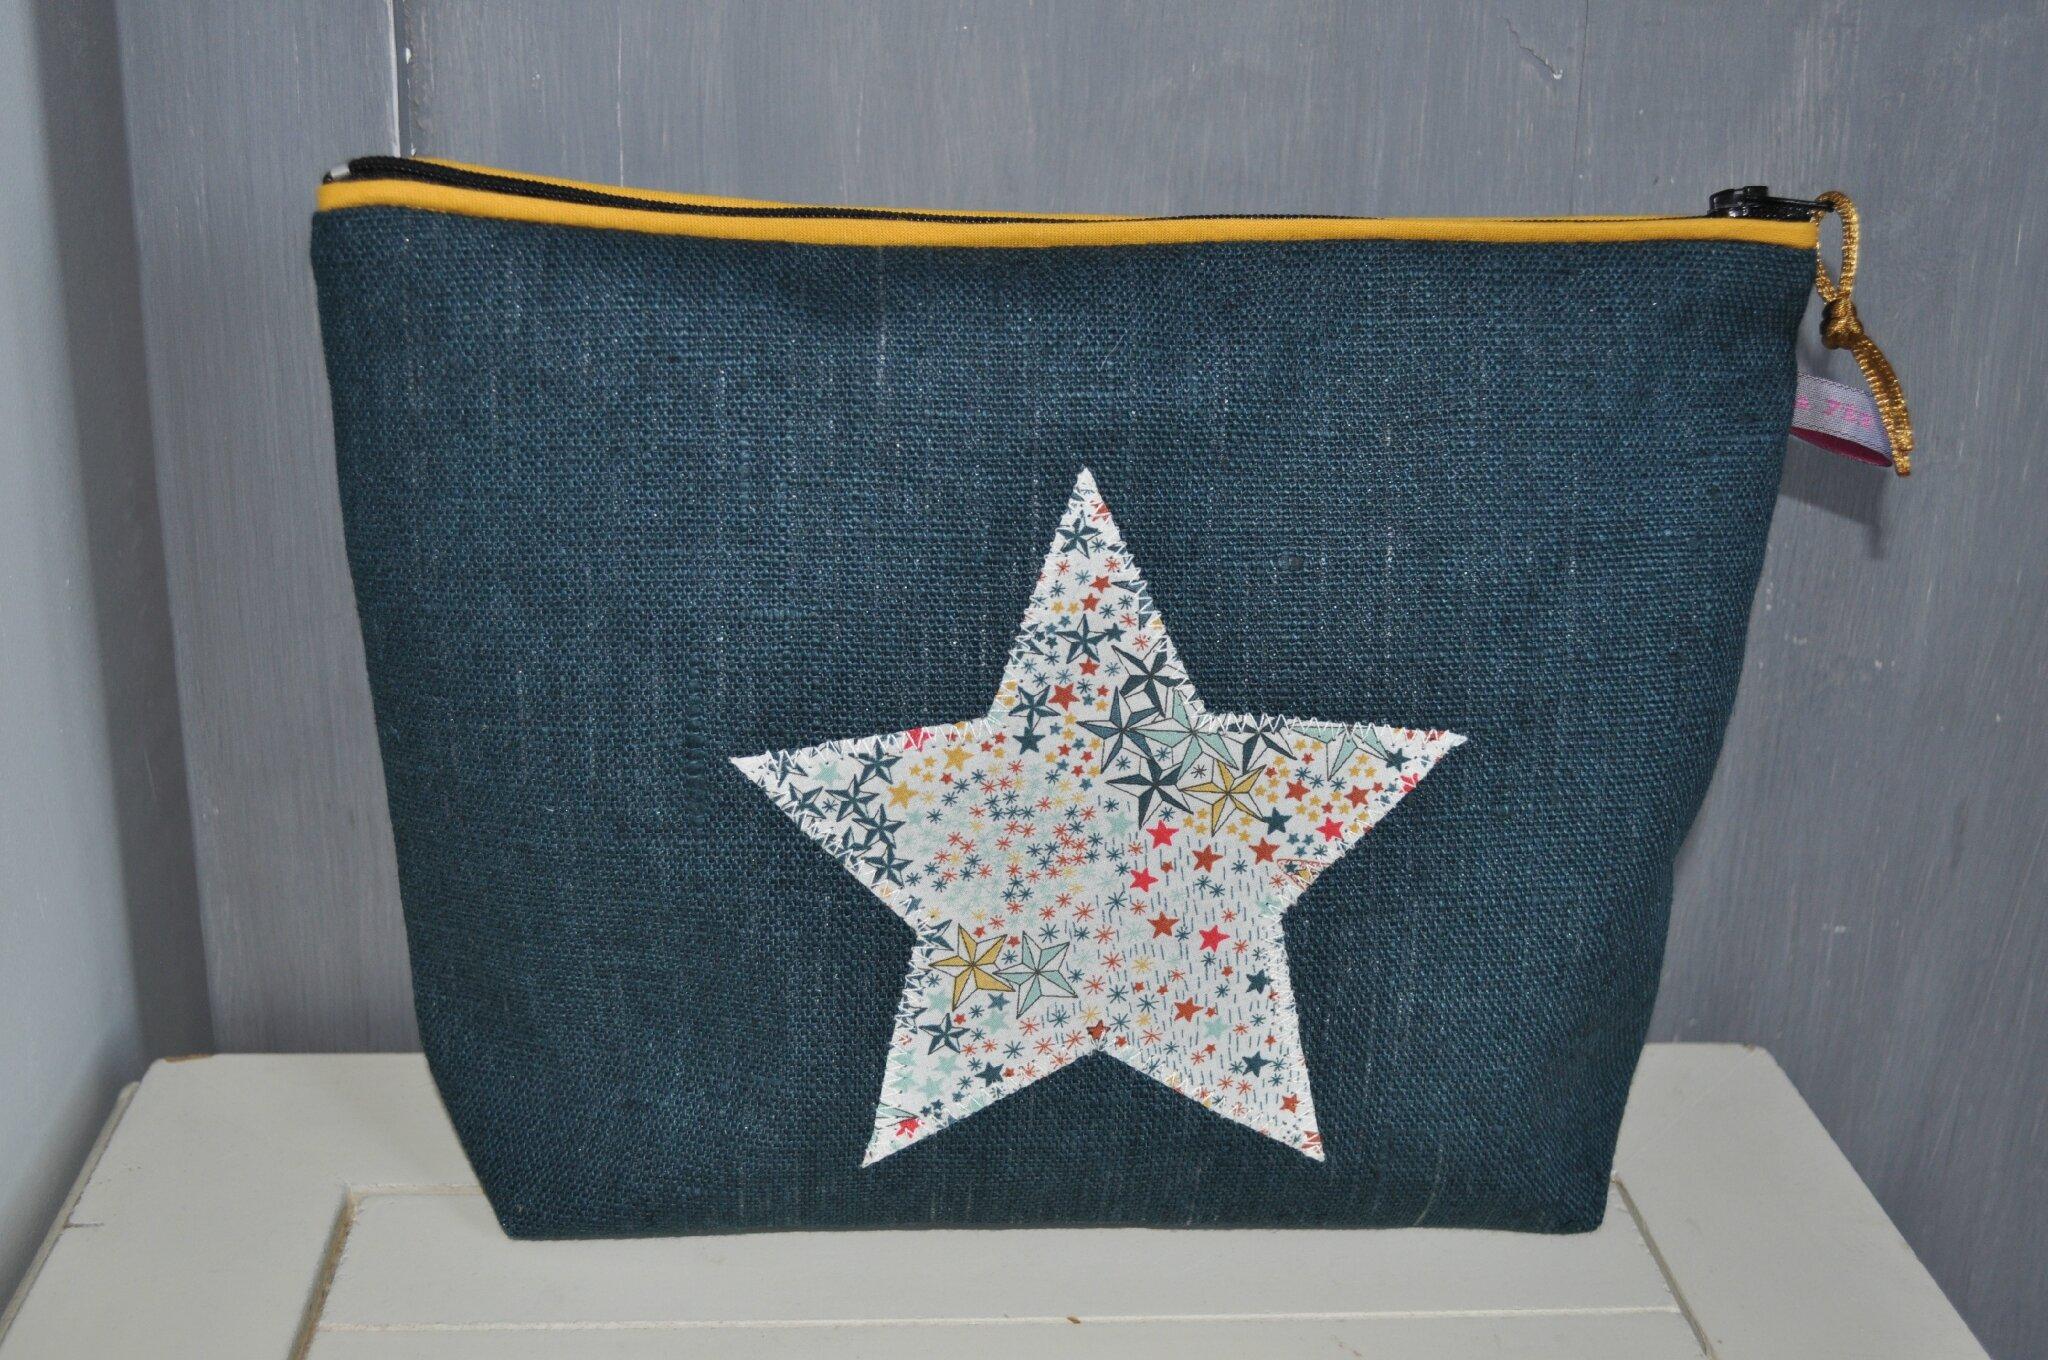 trousse de toilette en lin enduit bleu russe, appliqué étoile